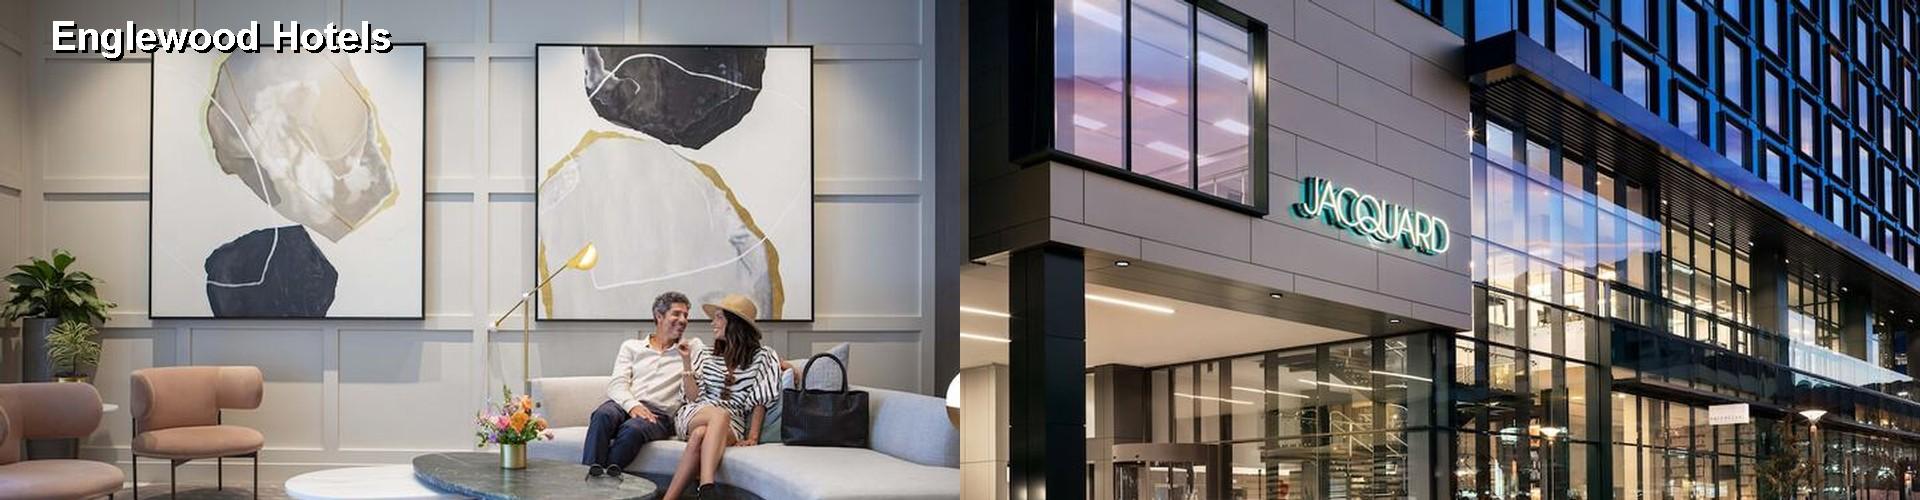 5 Best Hotels Near Englewood